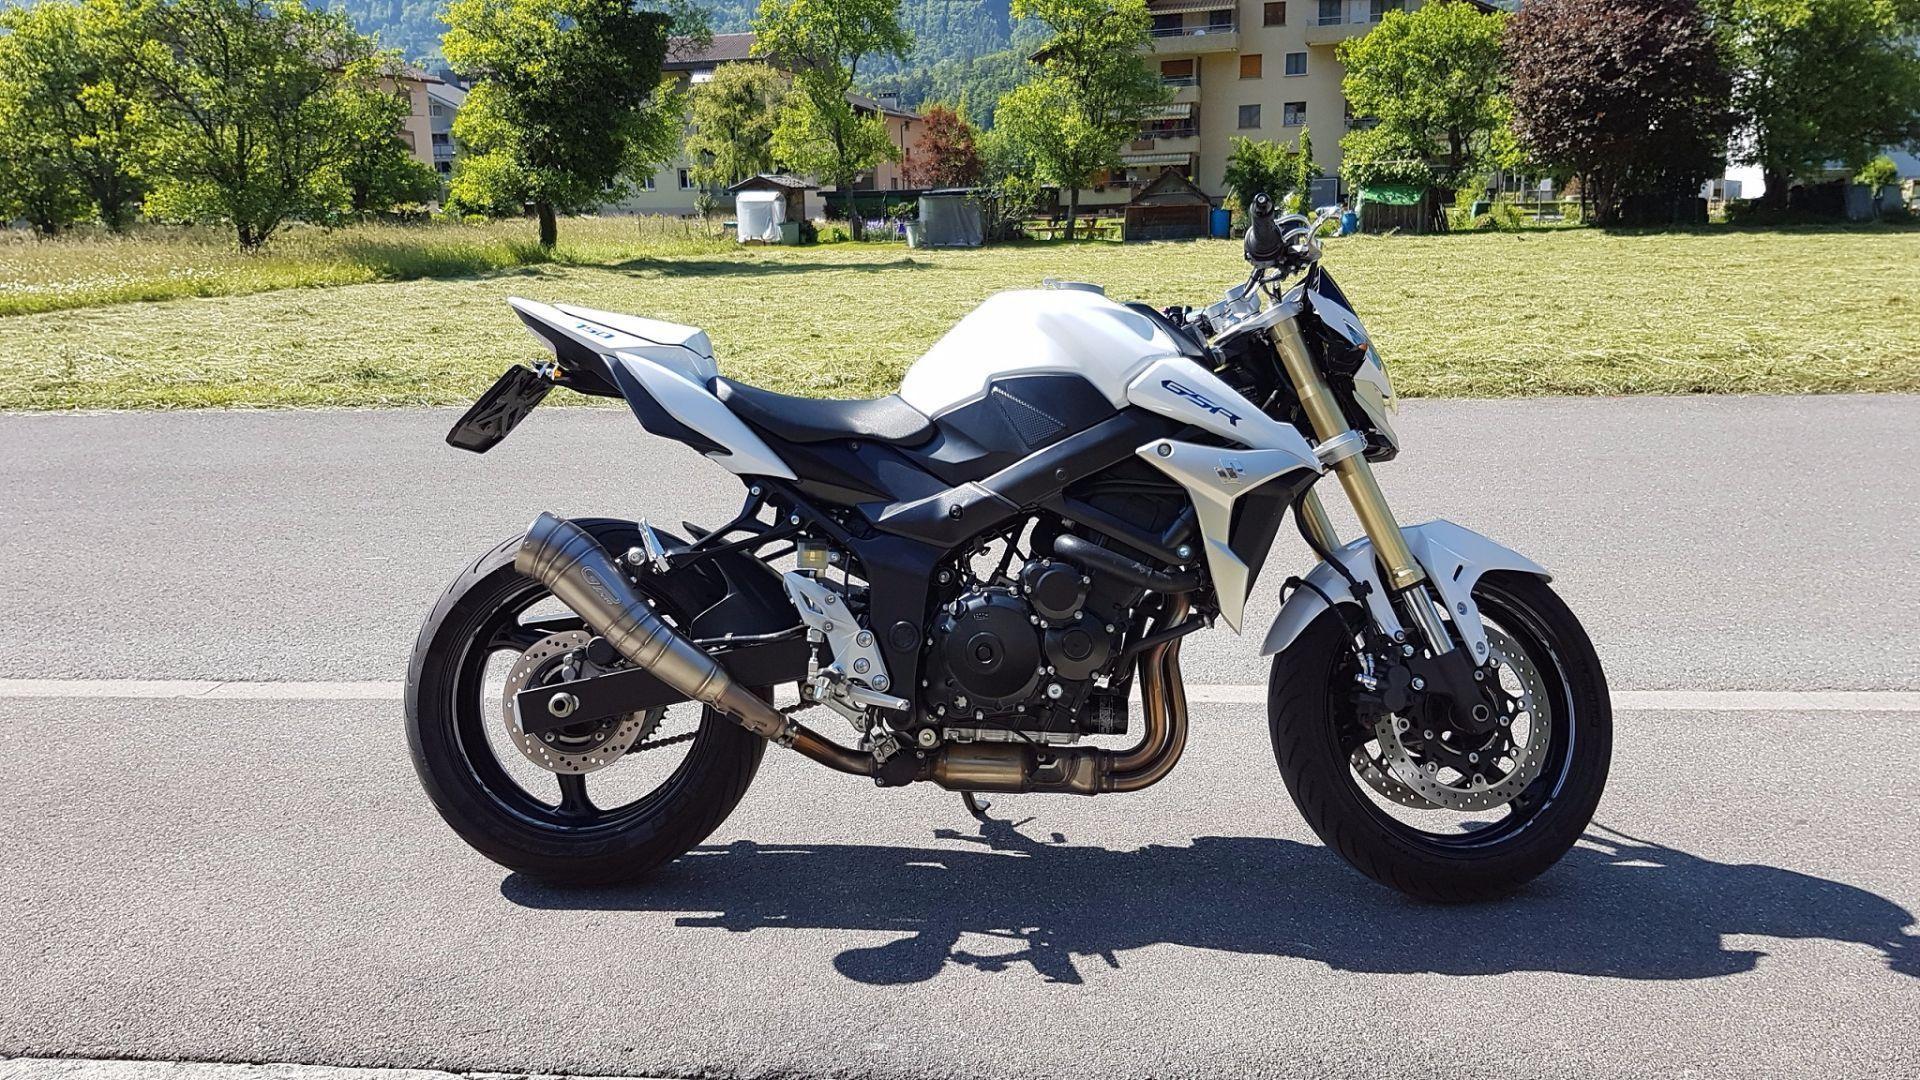 moto occasions acheter suzuki gsr 750 gl moto magliocco unterseen. Black Bedroom Furniture Sets. Home Design Ideas